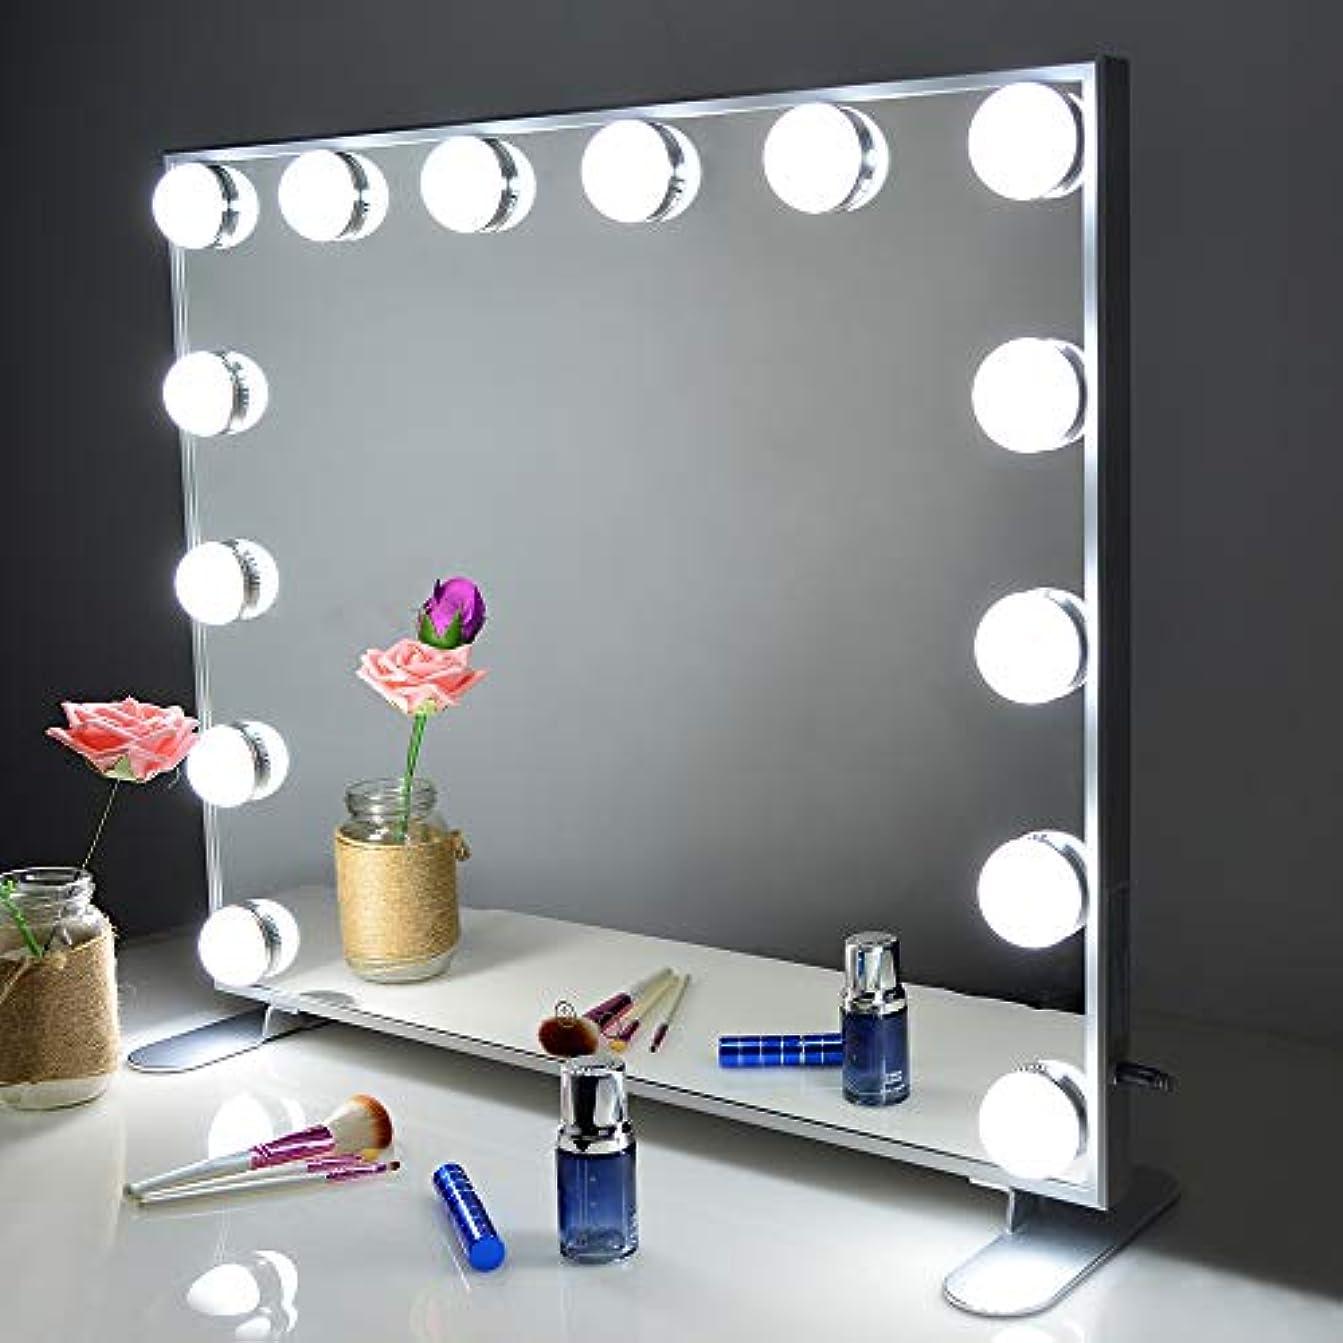 程度化石通信網Wonstart 女優ミラー 化粧鏡 ハリウッドスタイル 14個LED電球付き 暖色?寒色 2色ライトモード 明るさ調節可能 女優ライト 卓上 LEDミラー ドレッサー/化粧台適用(シルバー)